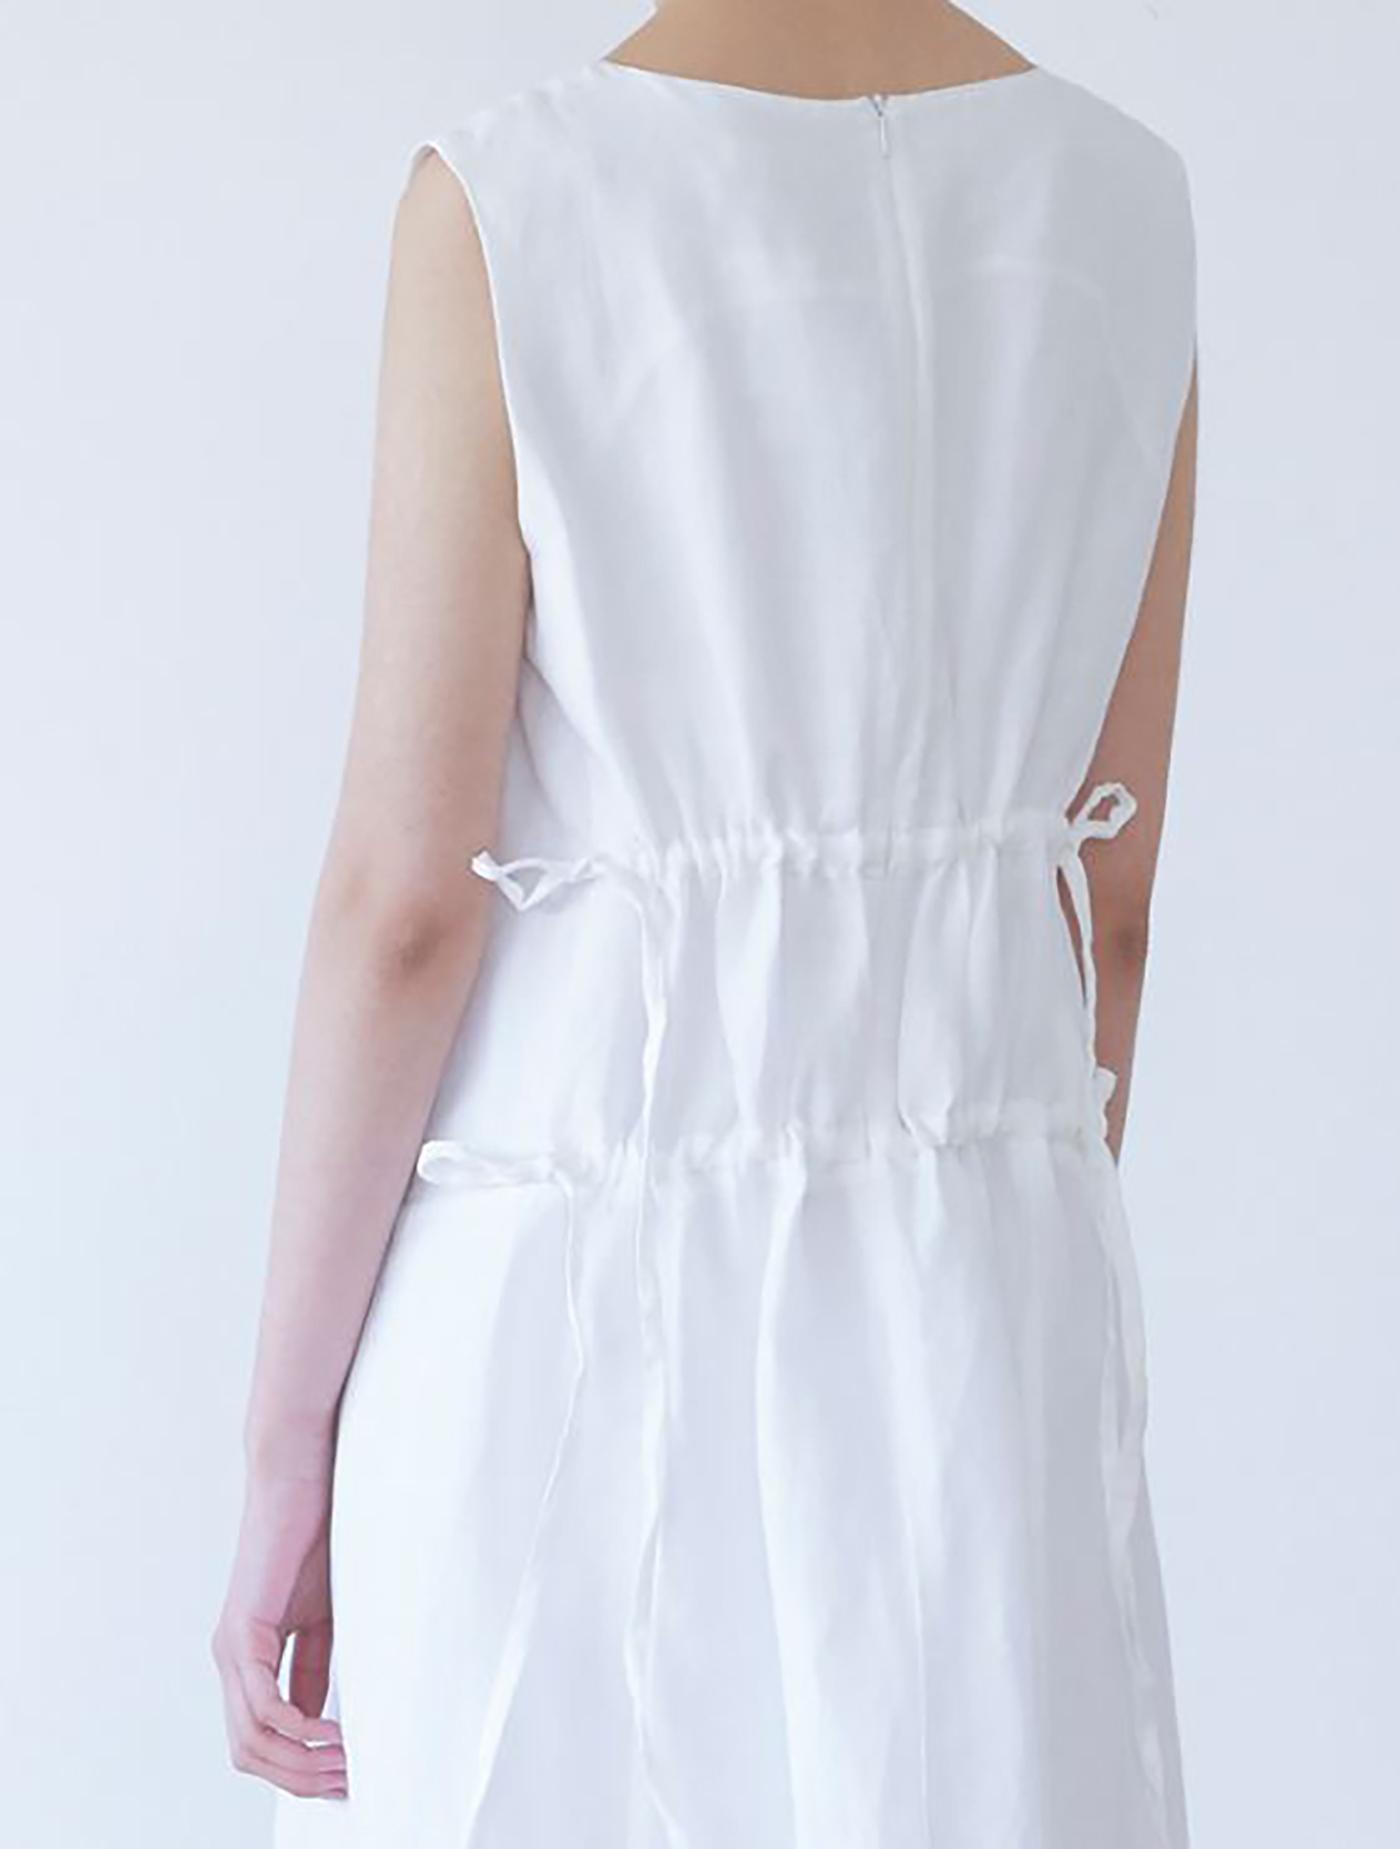 안개꽃 민소매 드레스/그루 안개꽃 민소매 드레스 상세이미지2